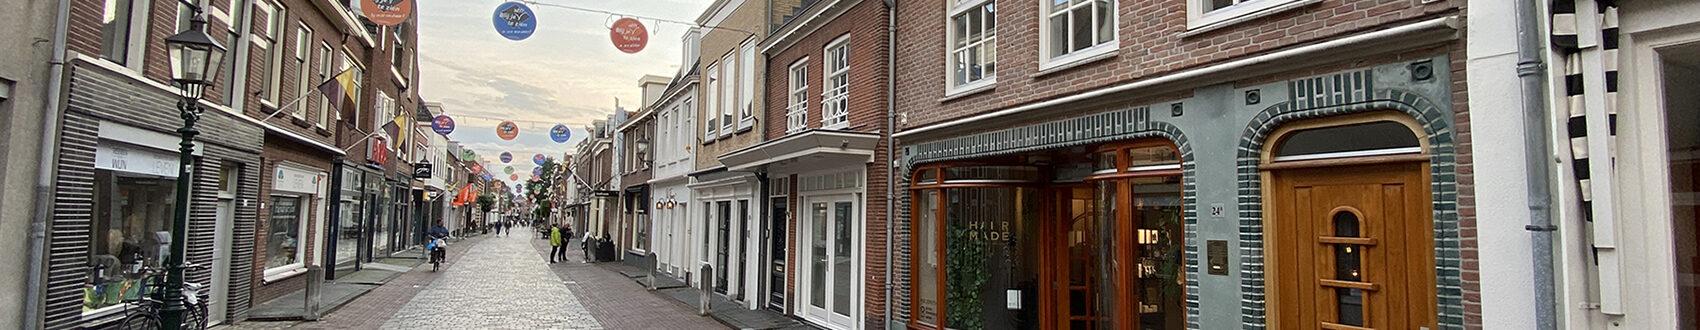 Evindie Keukens Utrechtsestraat ijsselstein